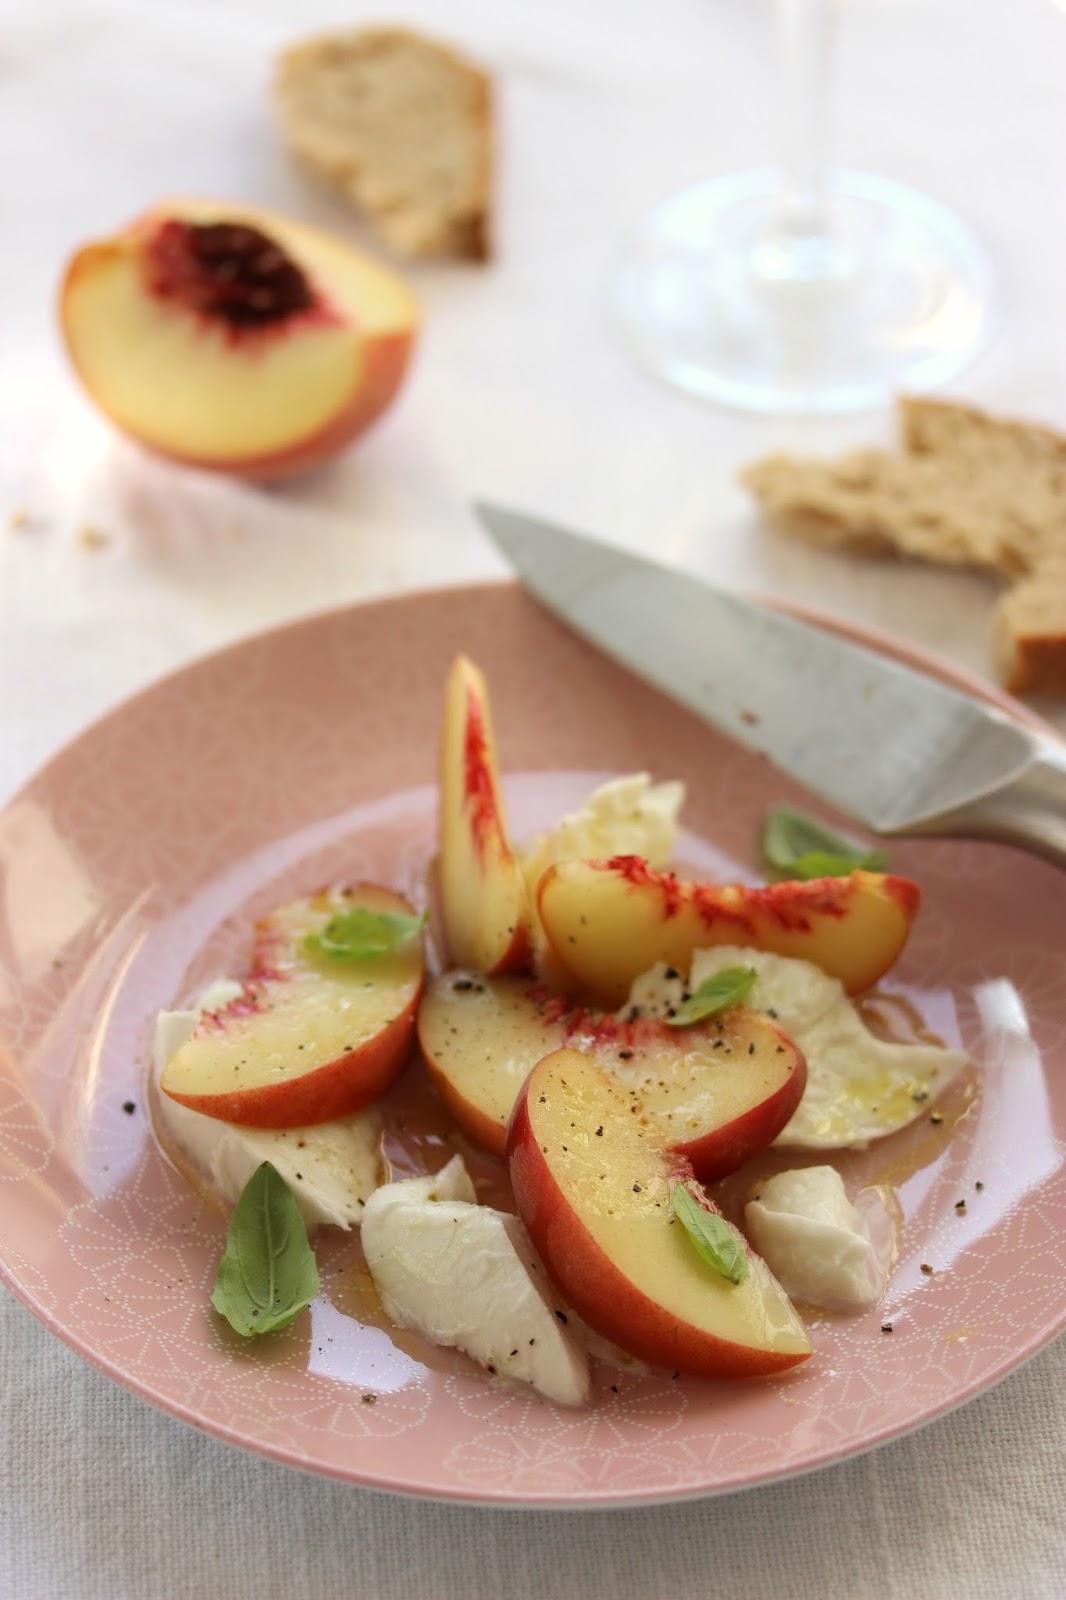 Salade p che et mozzarella recette - Cuisiner la mozzarella ...